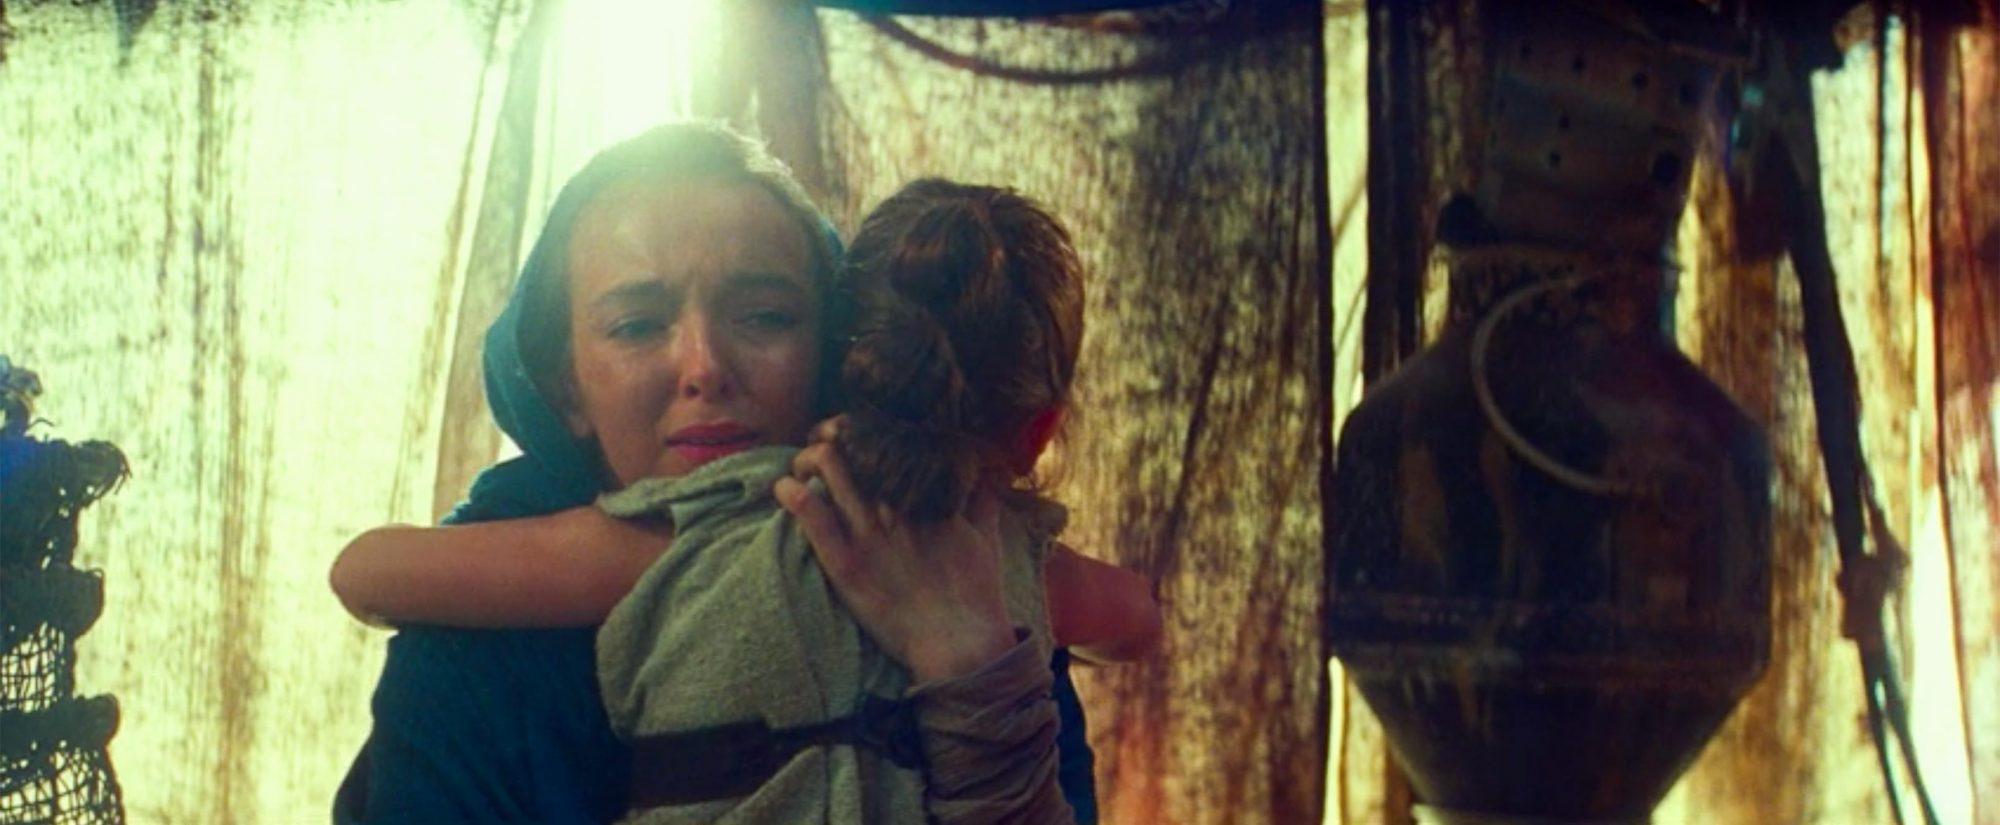 Jodie Comer as Rey's mom in Star Wars The Rise of Skywalker